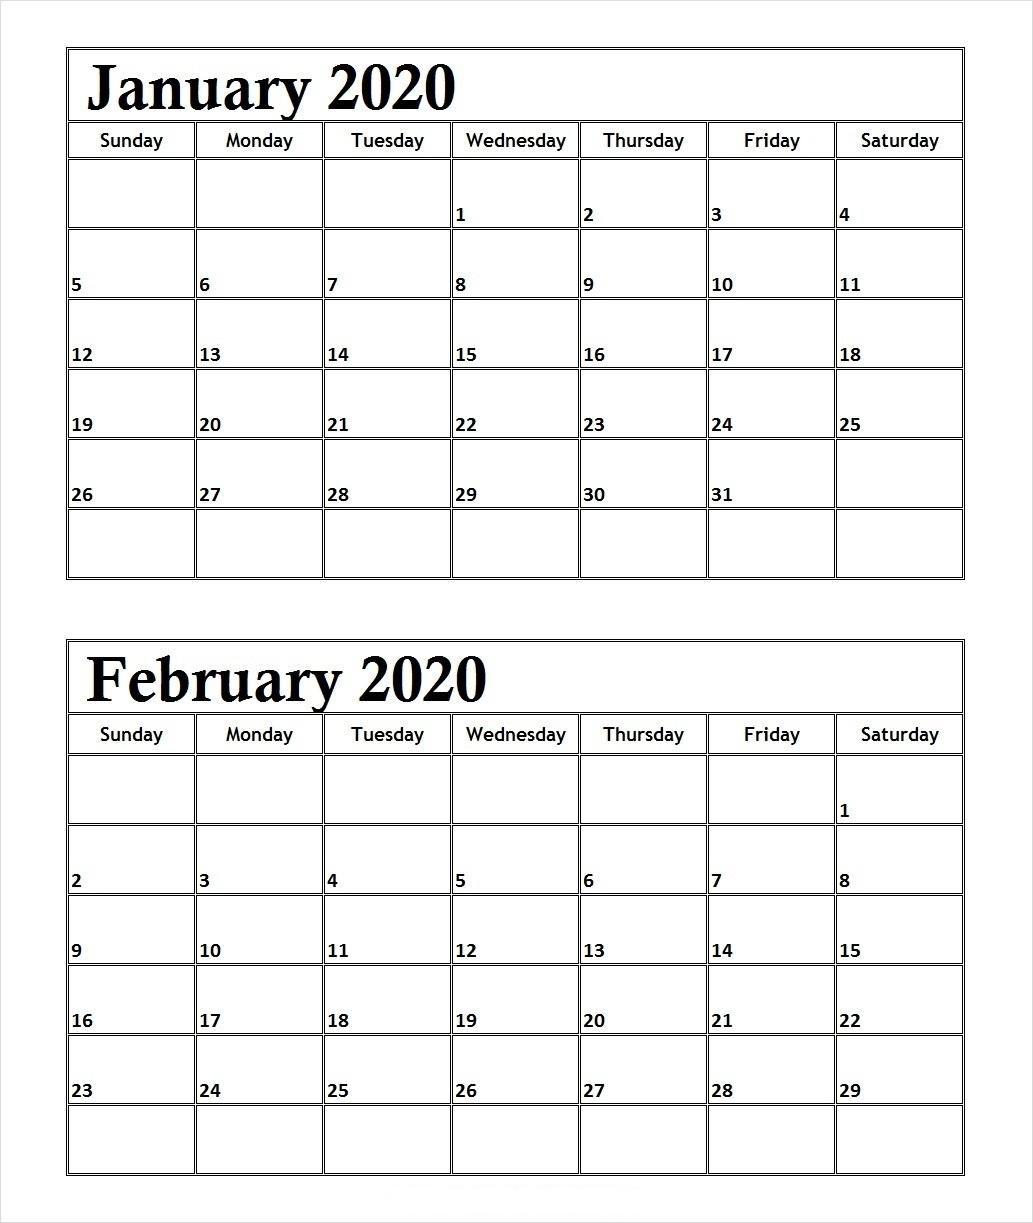 January February 2020 Calendar Daily Calendar Printable | 12